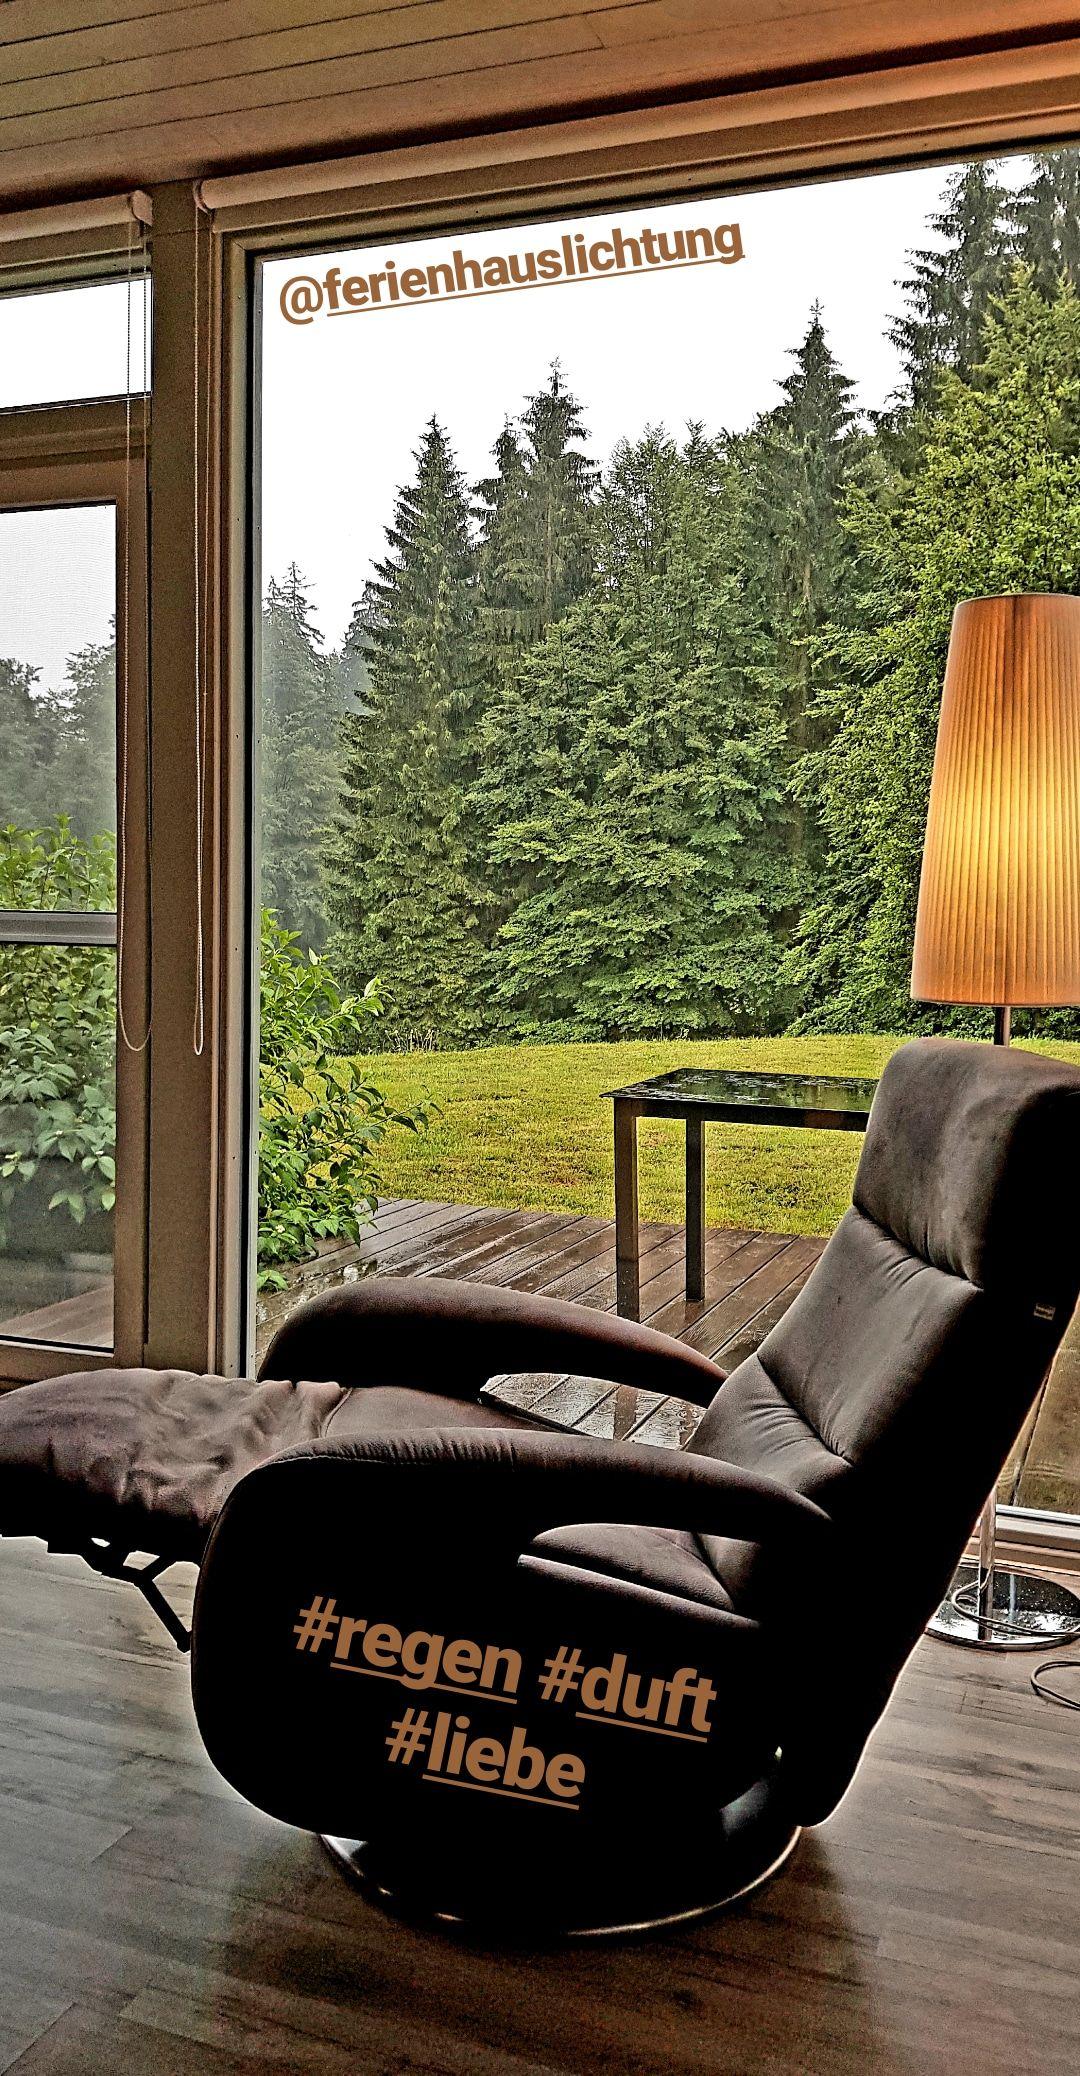 Regentropfen, die an dein Fenster klopfen 🎶 das merke dir